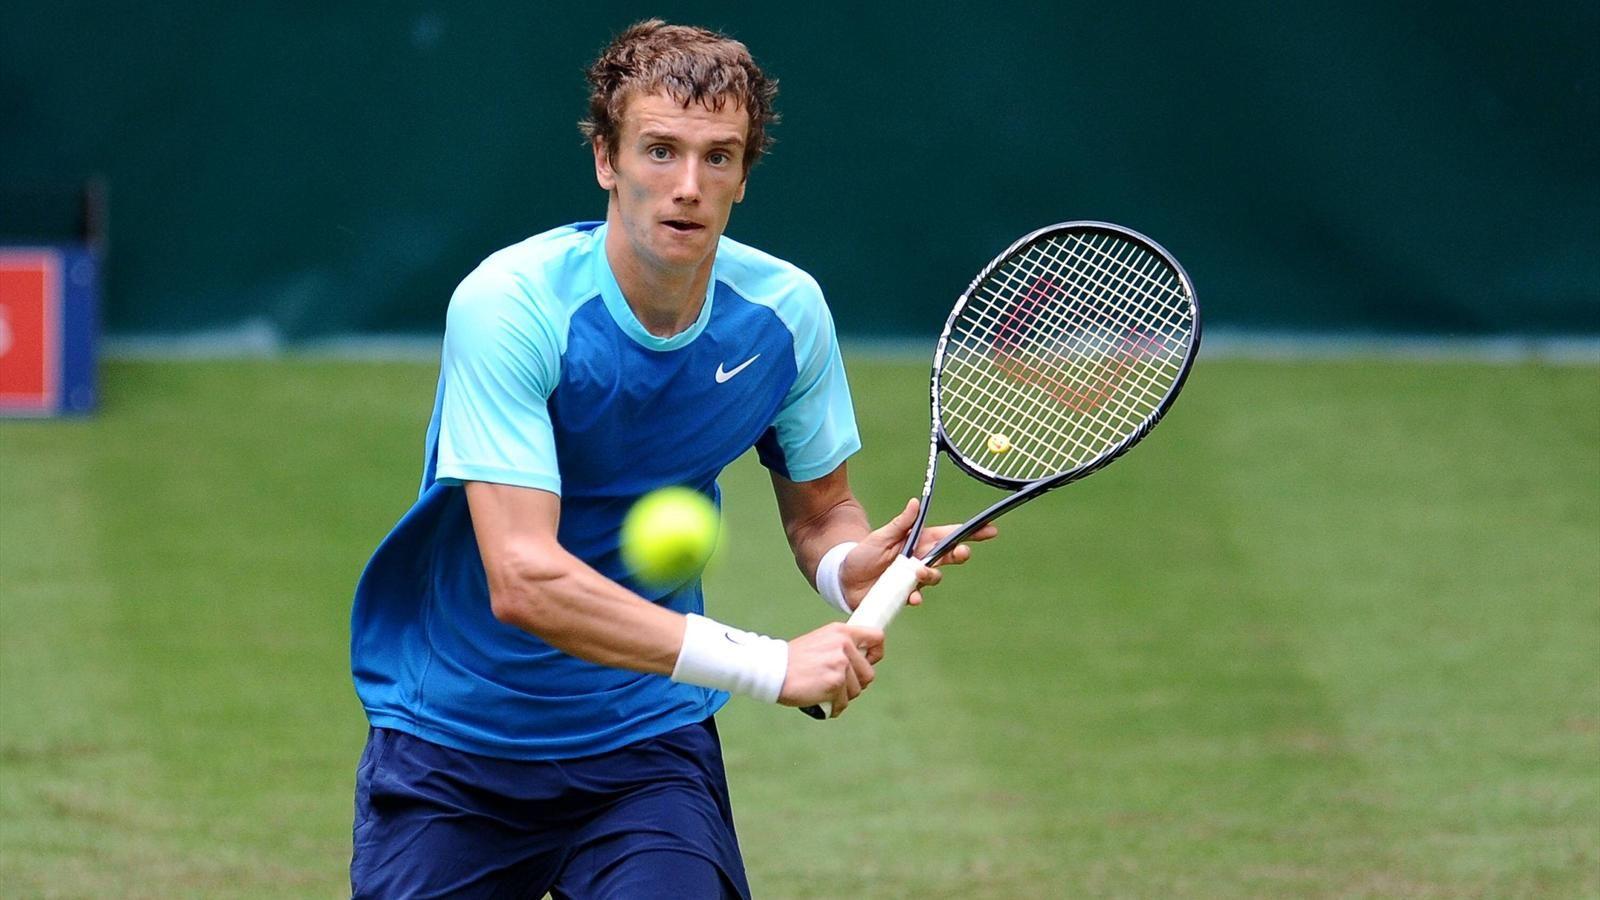 Андрей ильницкий теннис фото